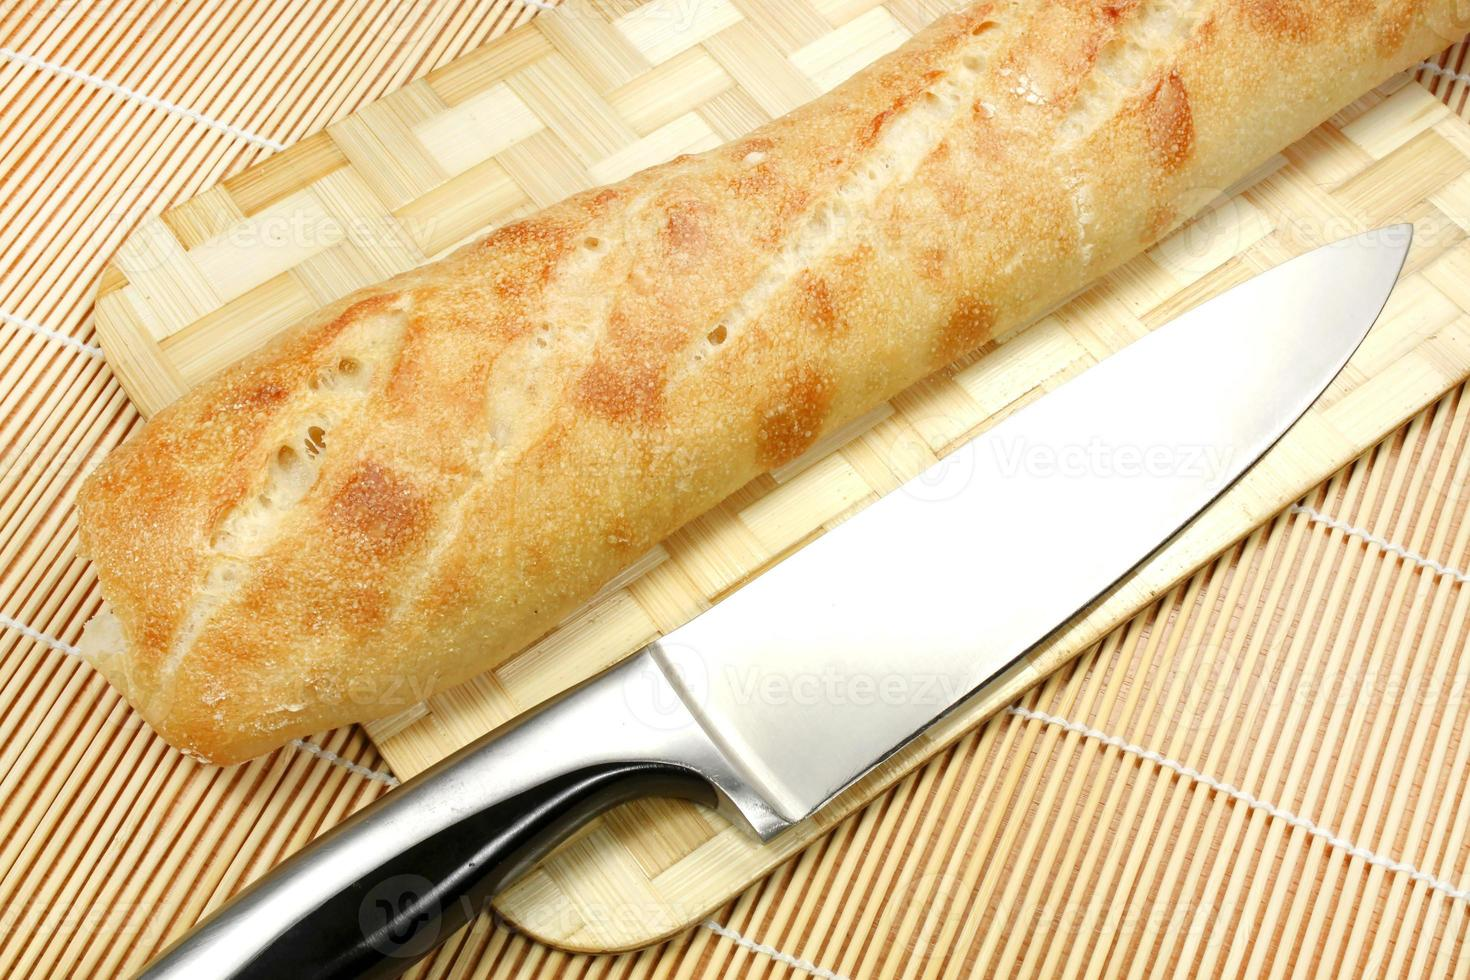 baguette francés foto